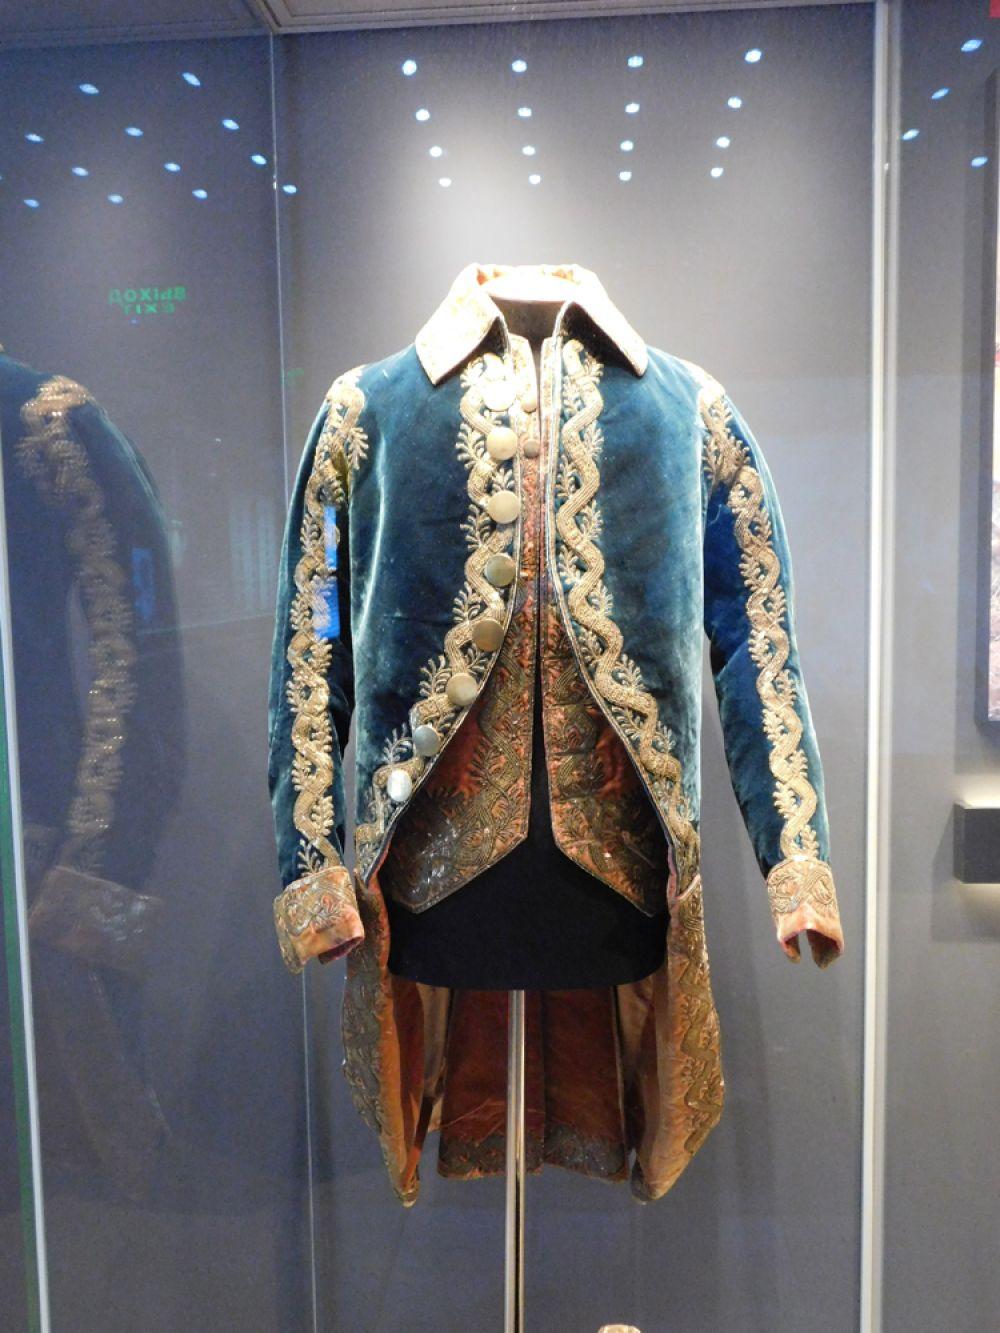 Кафтан и жилет мундира офицера кавалергардии. Конец 1780-х – начало 1790-х гг.